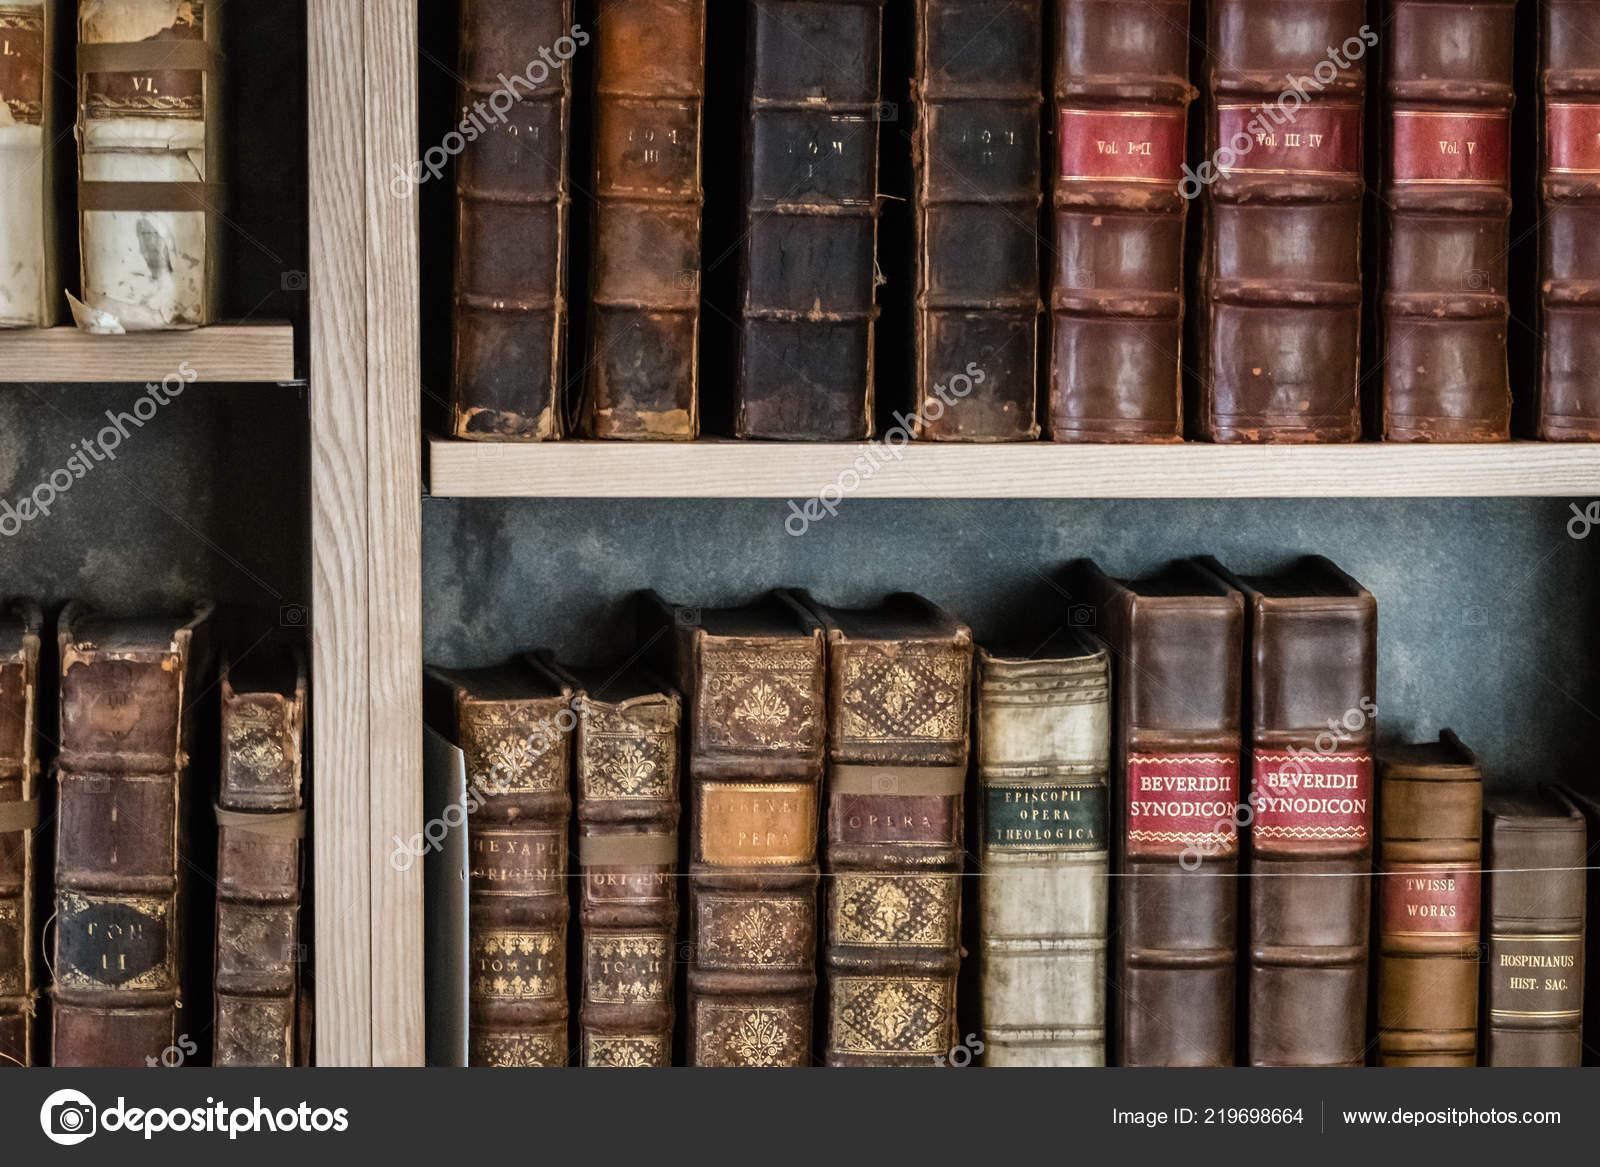 rangee de livres anciens de durs et broches sur etagere dans une bibliotheque image de pawopa3336